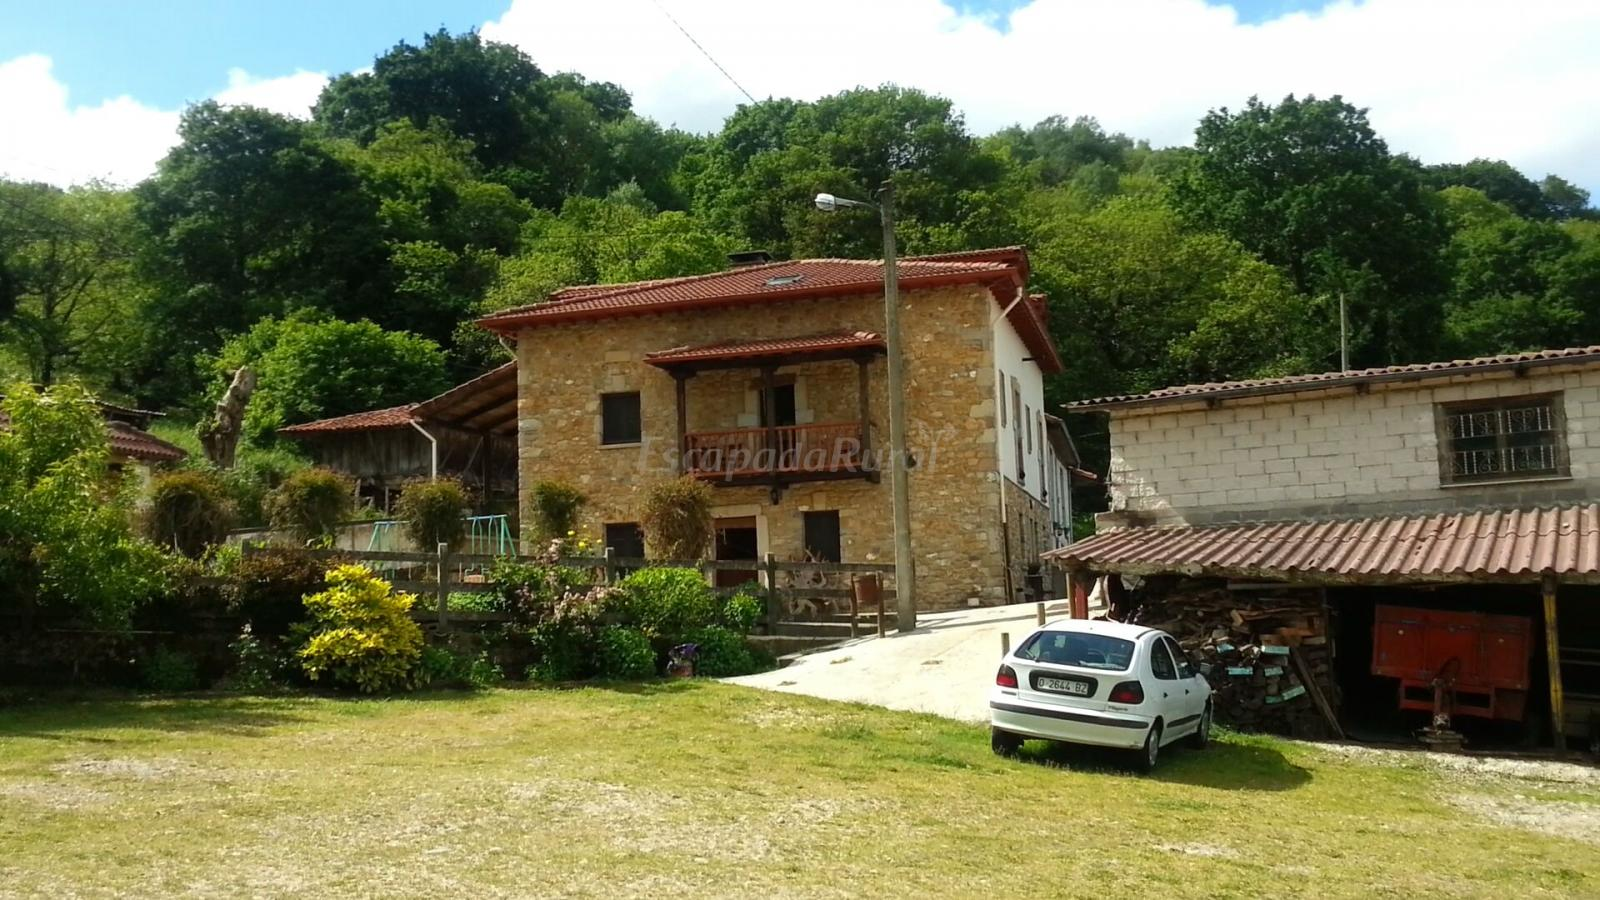 Fotos de el calero casa rural en siero asturias - El tiempo en siero asturias ...